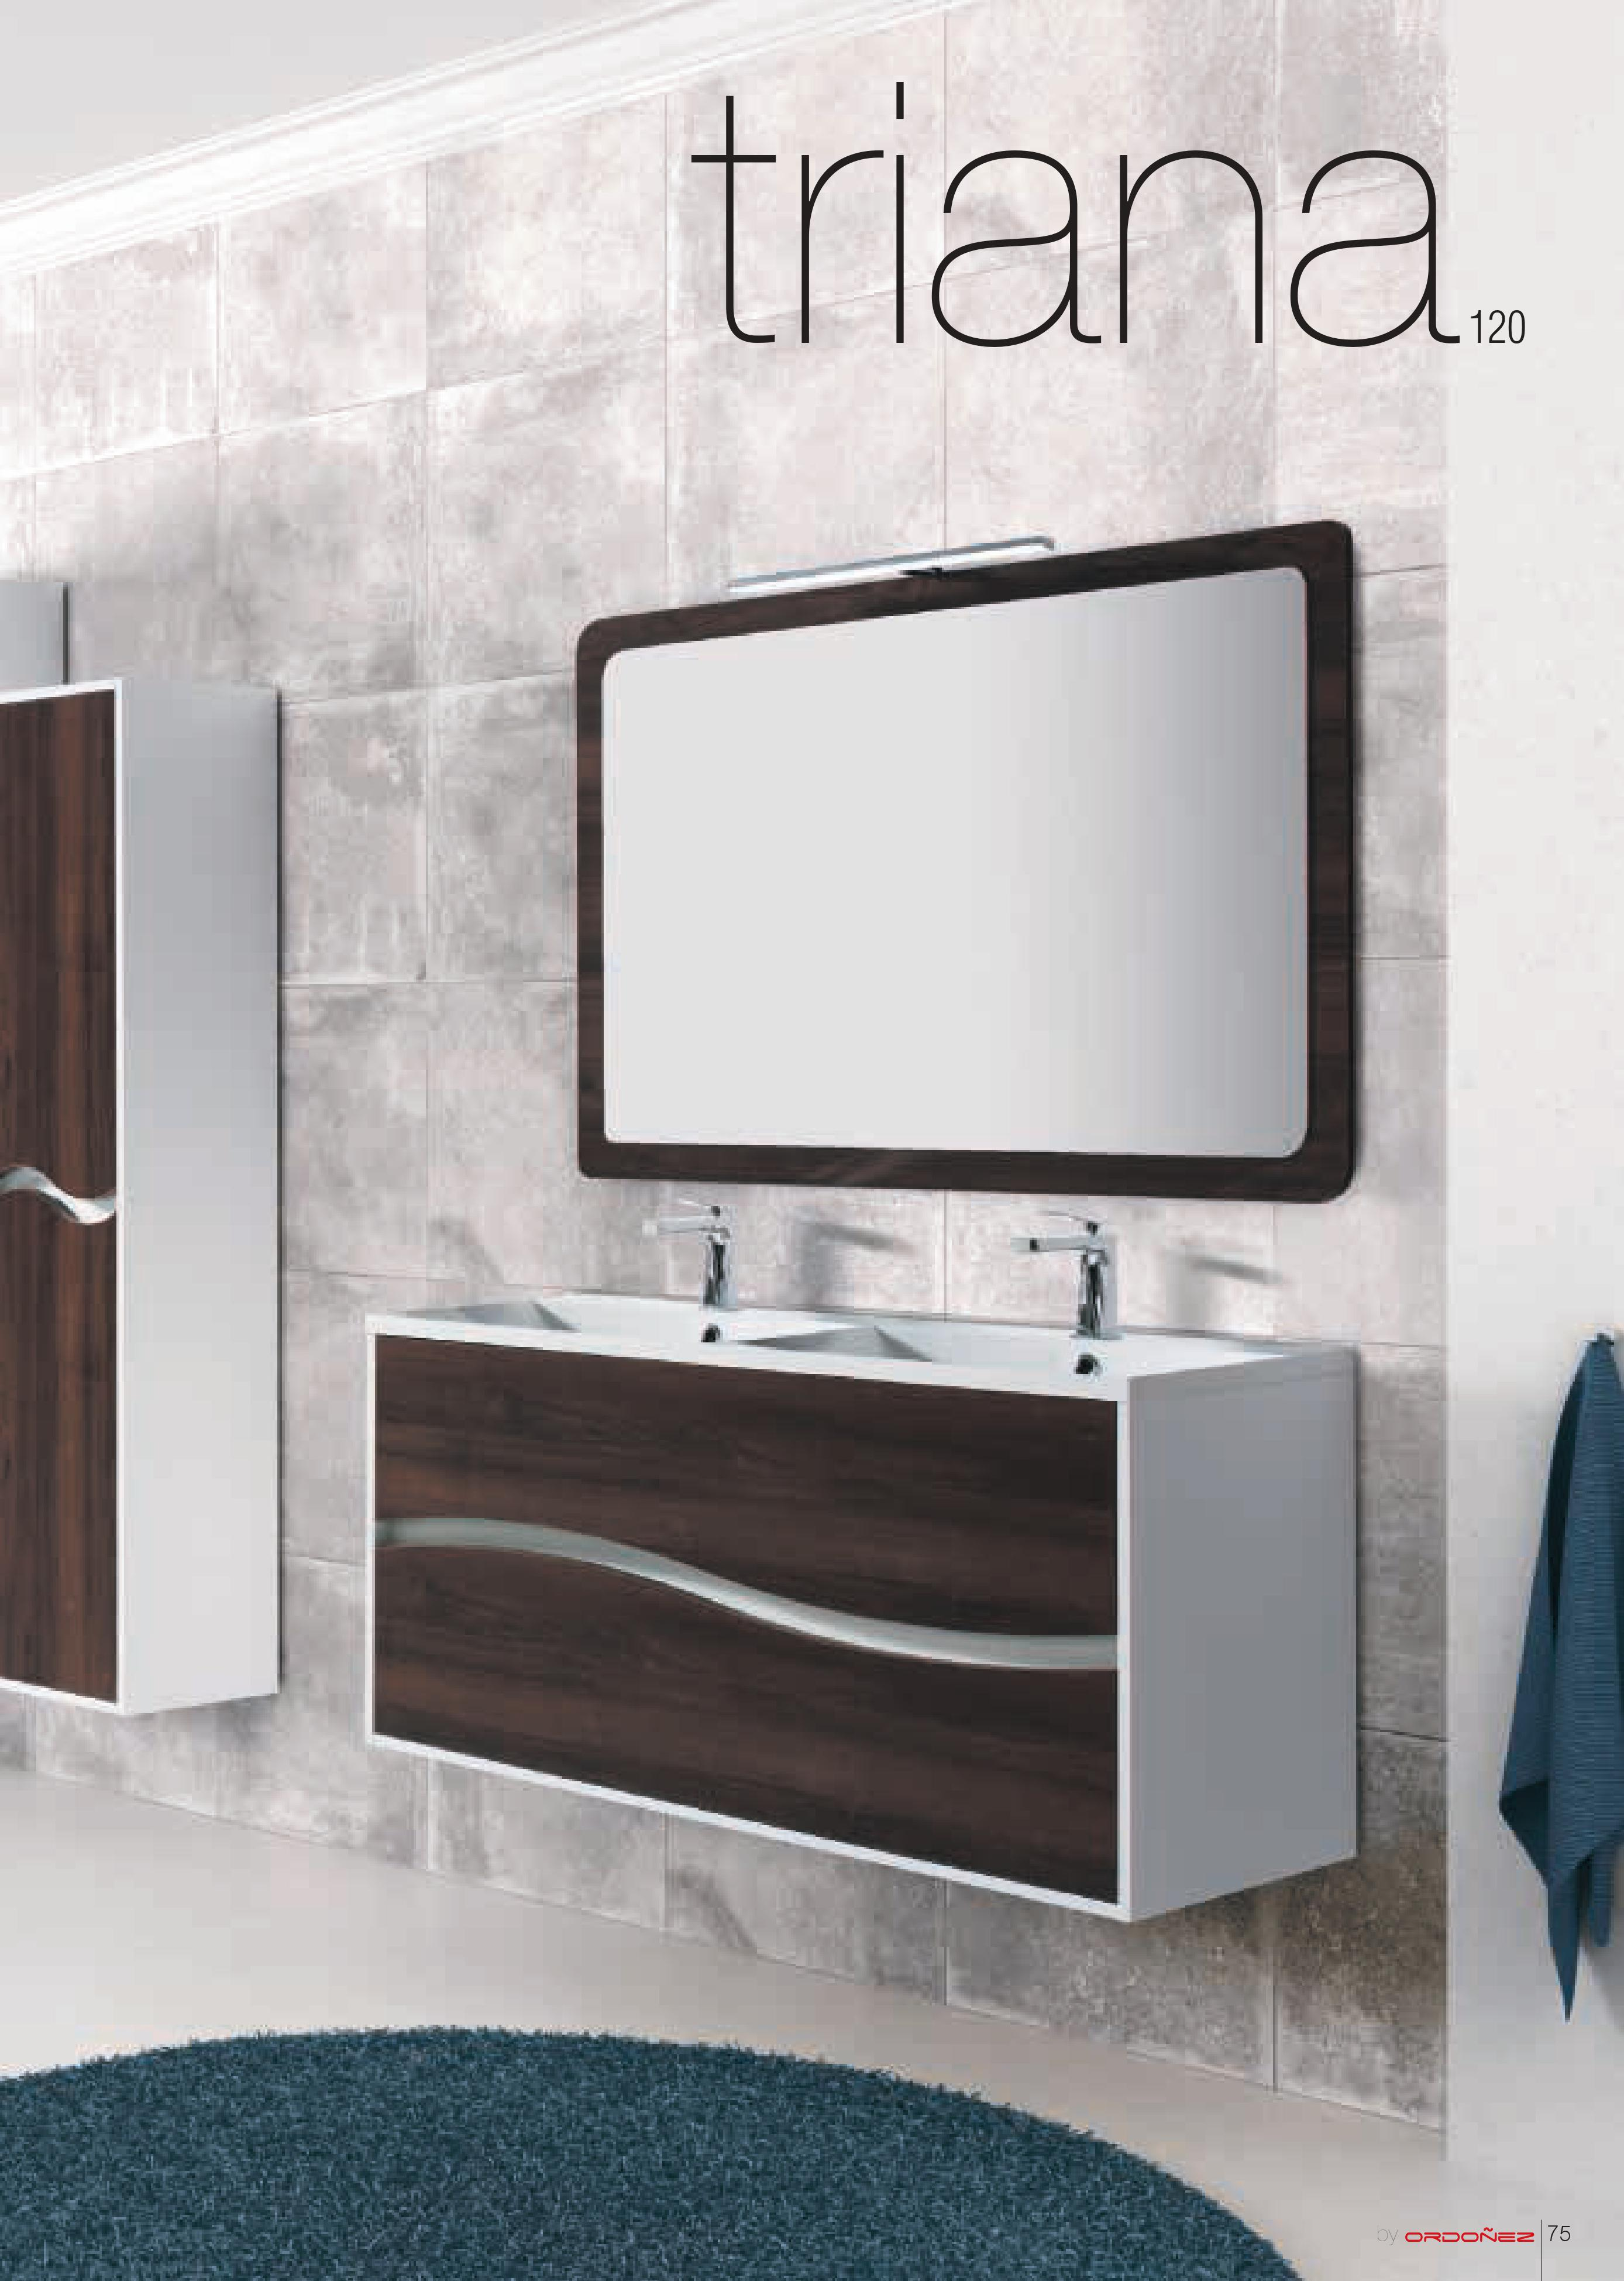 Muebles De Baño Triana:serie triana añadir al presupuesto categorías baños muebles de